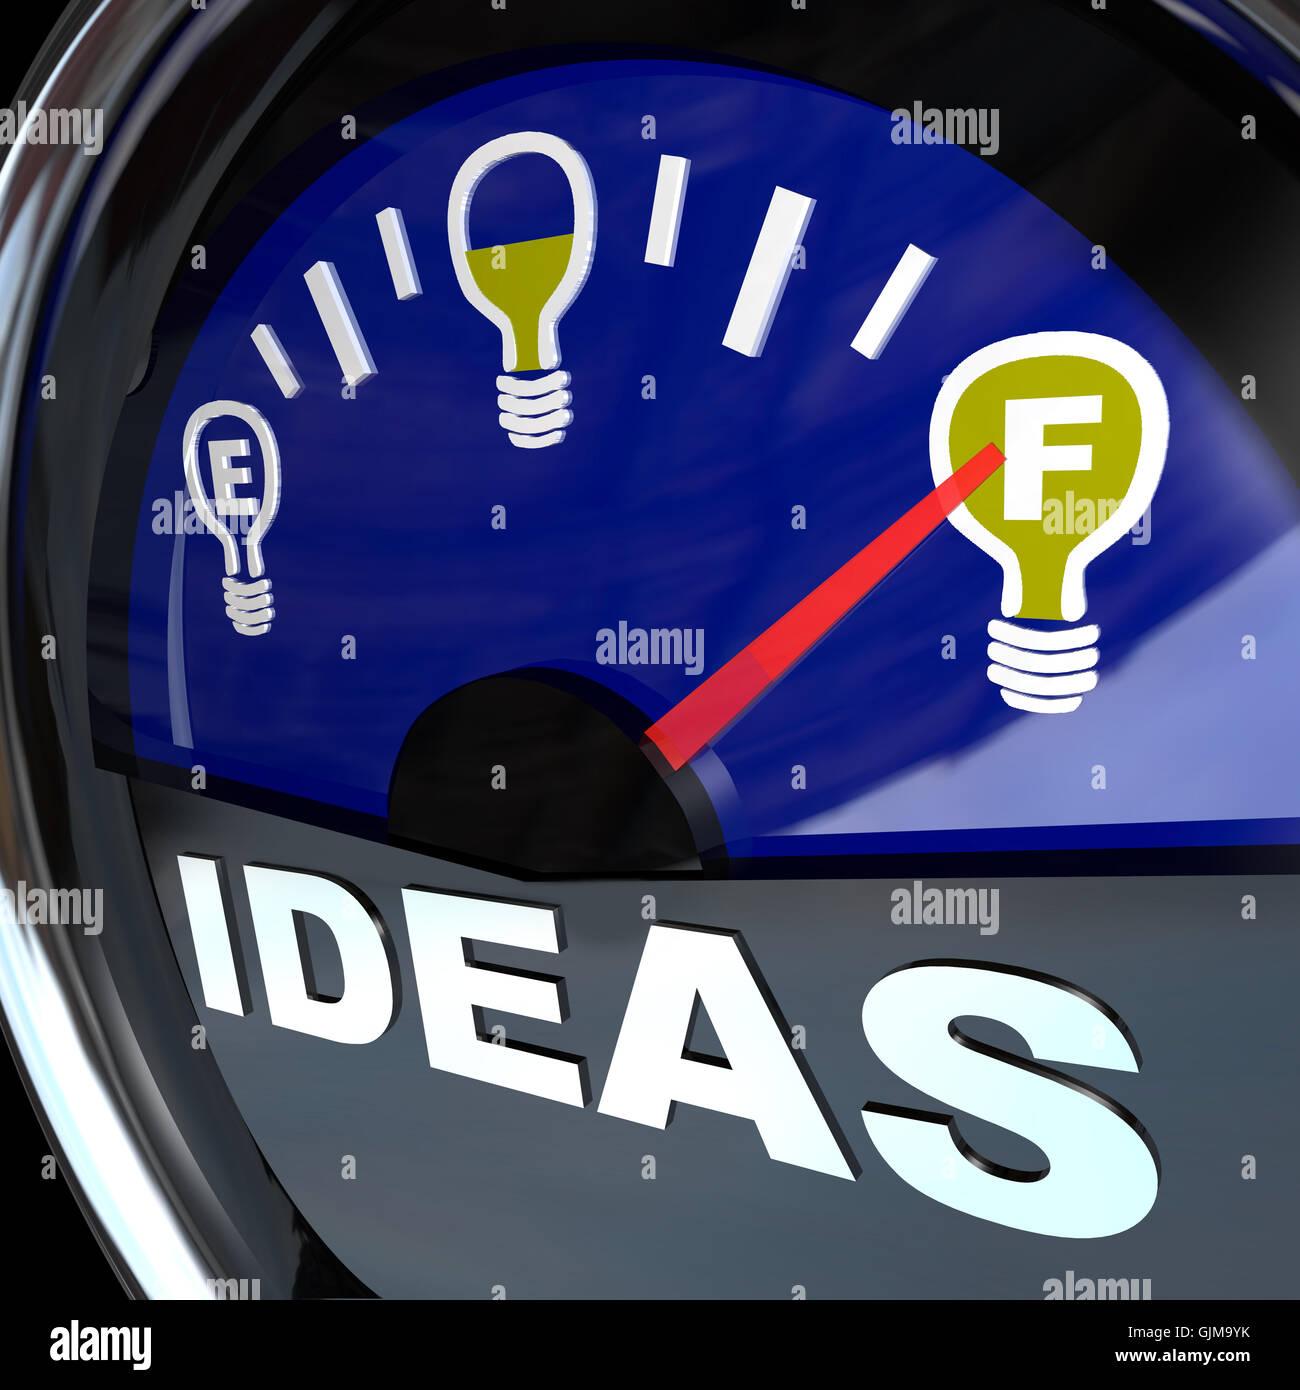 Pieno di idee - Innovazione indicatore del livello del combustibile per il successo Immagini Stock